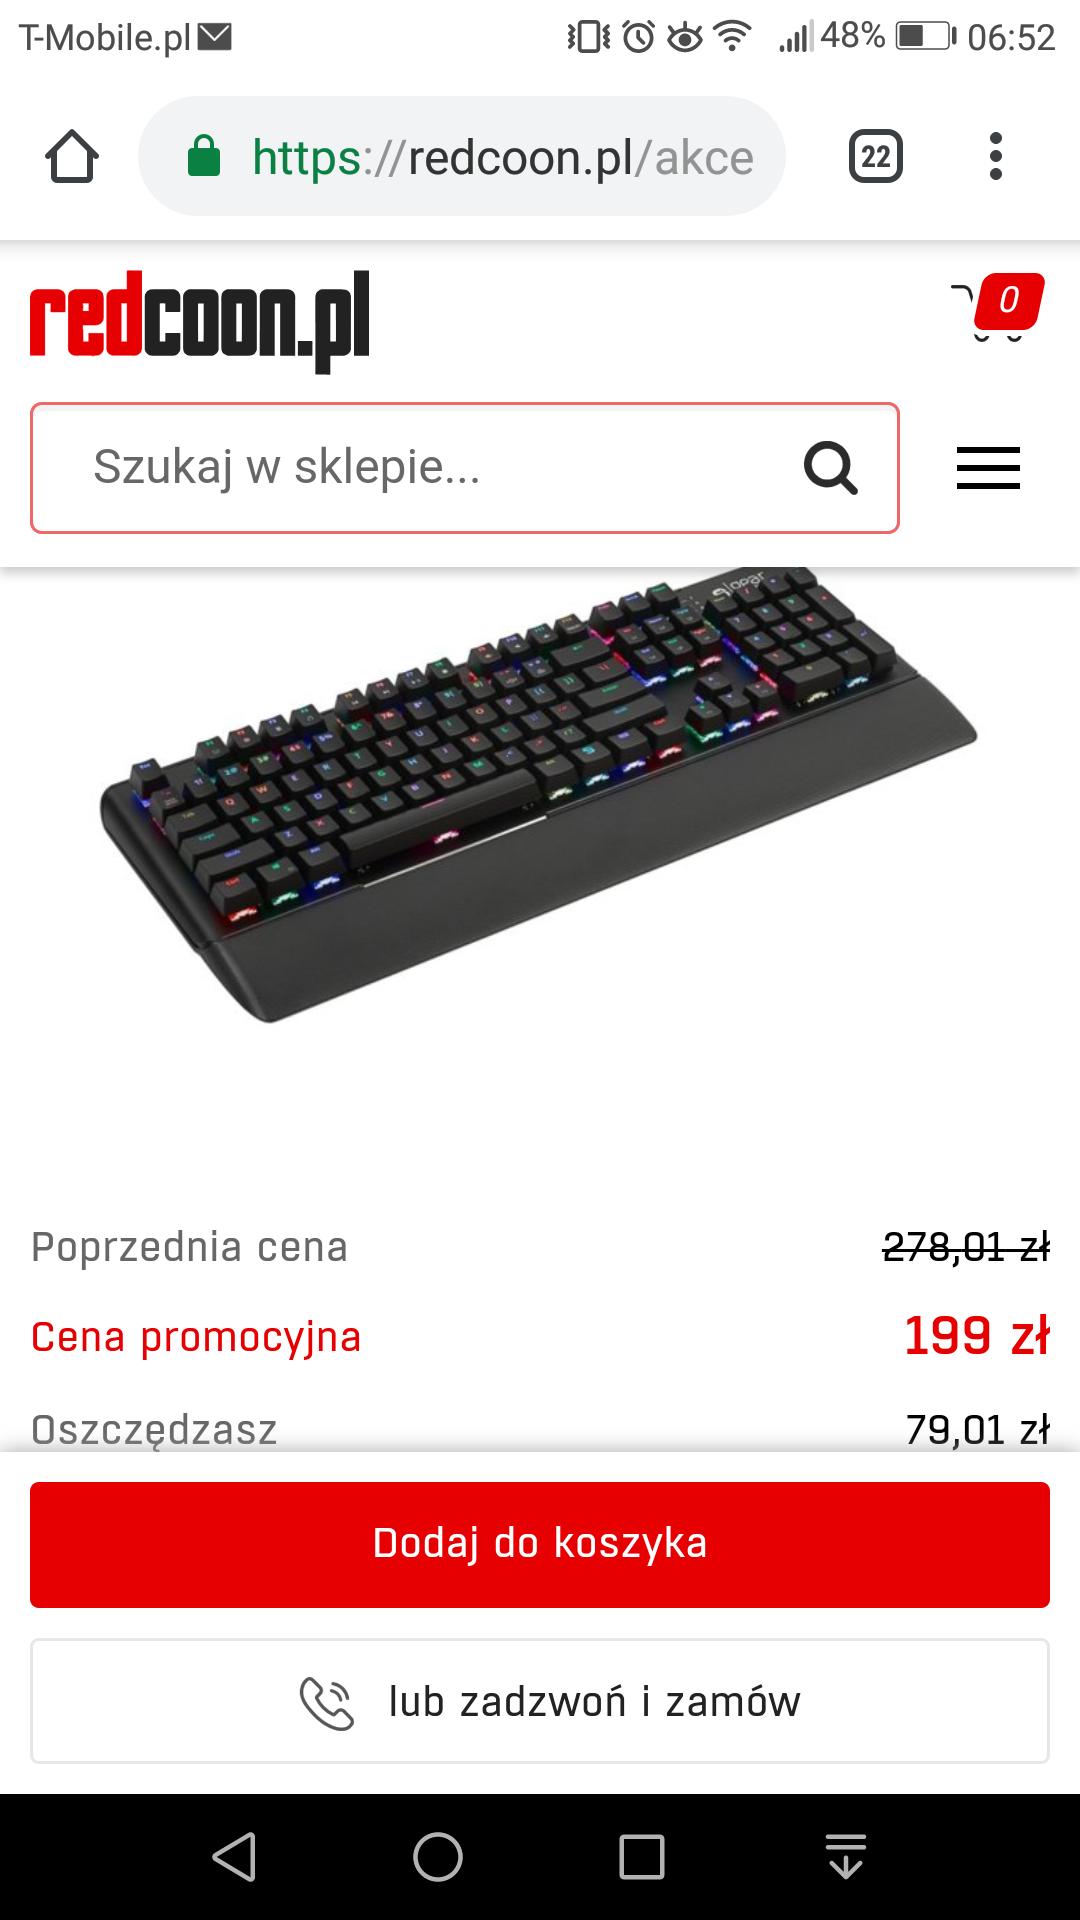 Klawiatura SPC Gear GK550 za 199zł na redcoon.pl